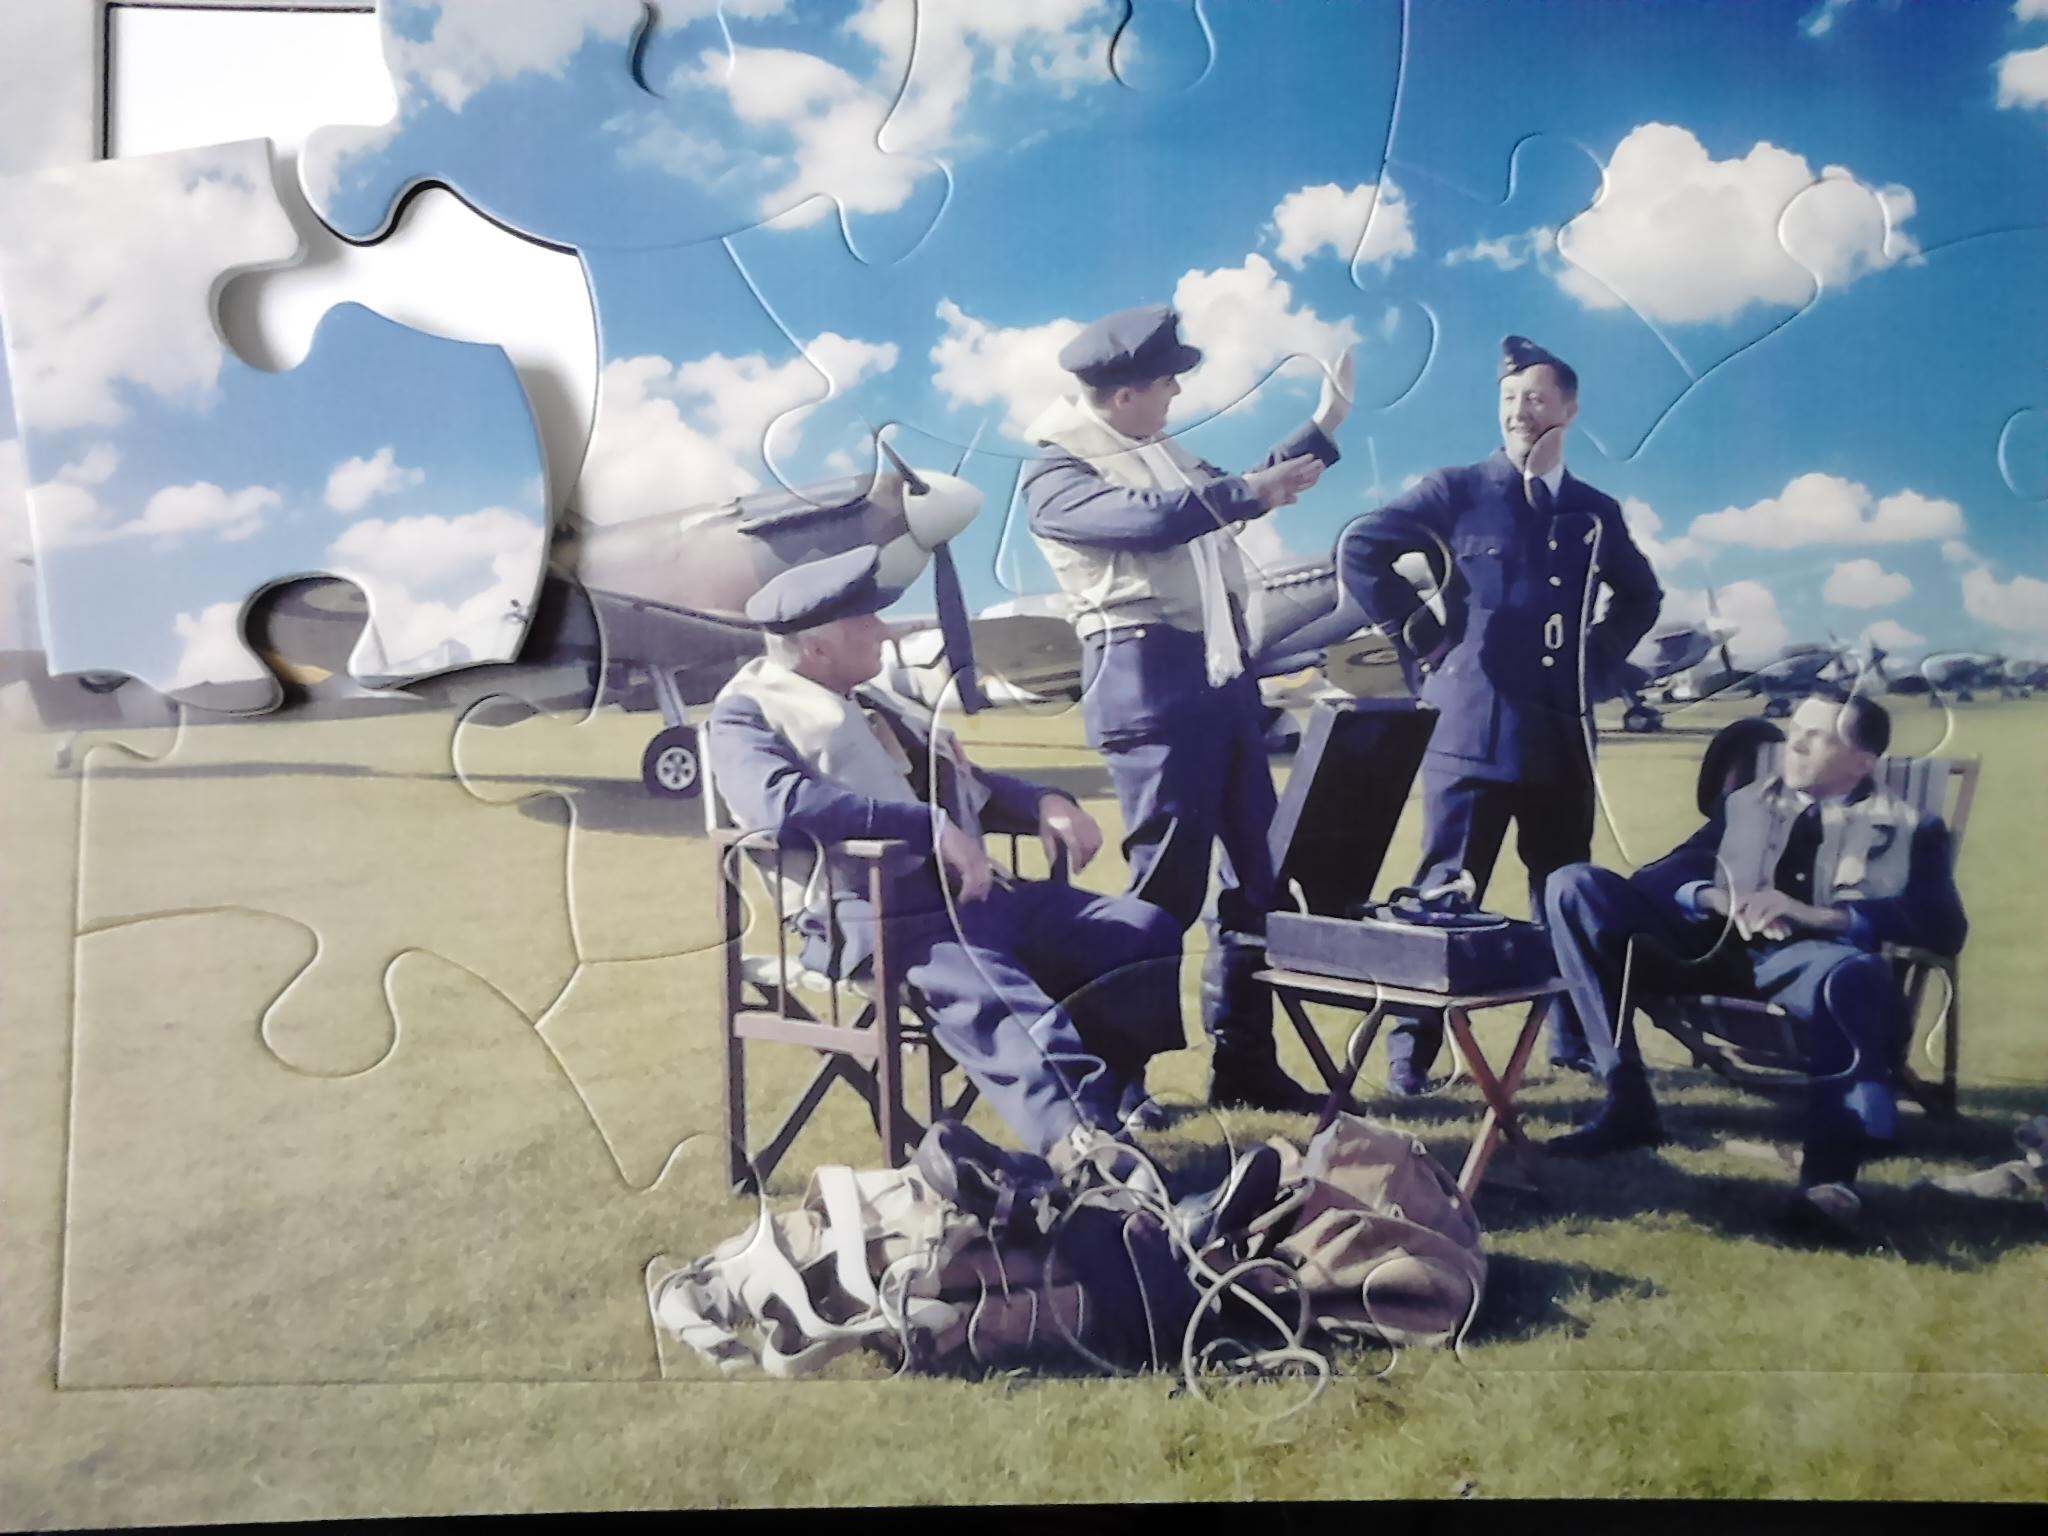 13 bitars pussel Spitfire piloter